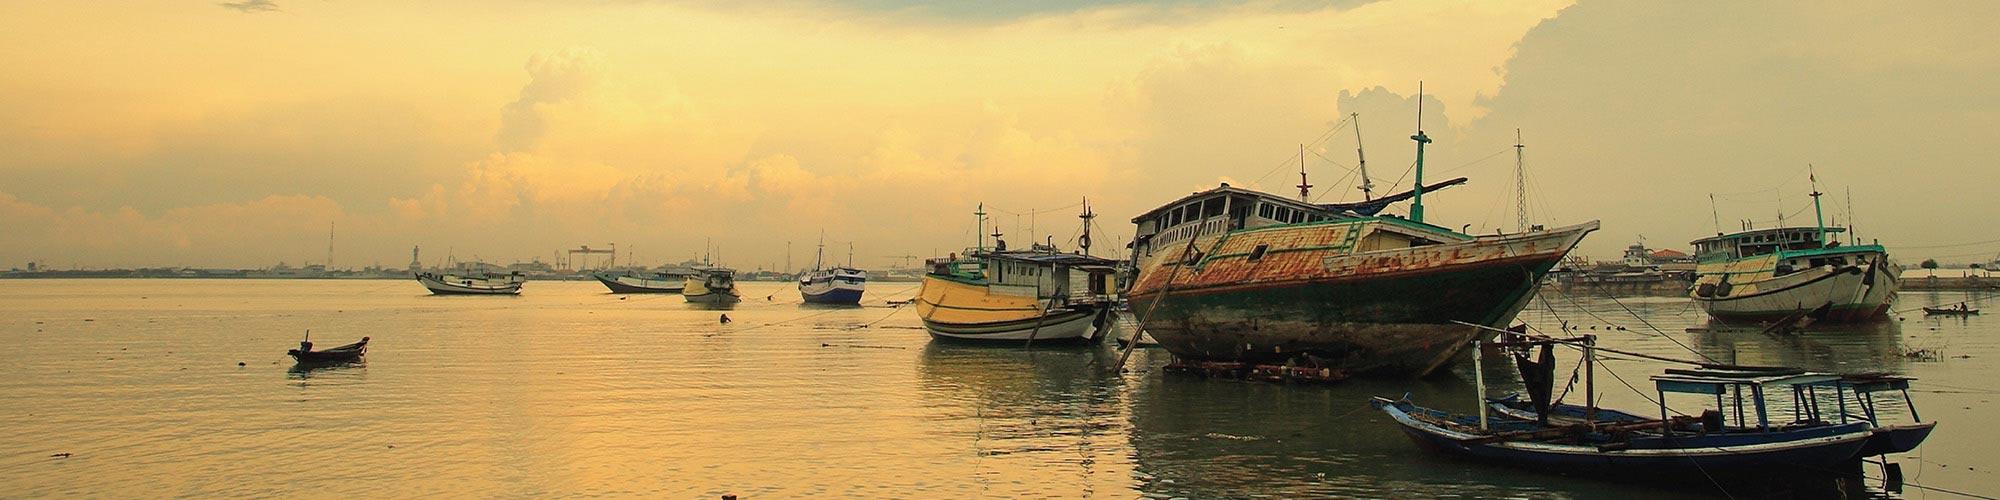 indonesia-banner-7.jpg